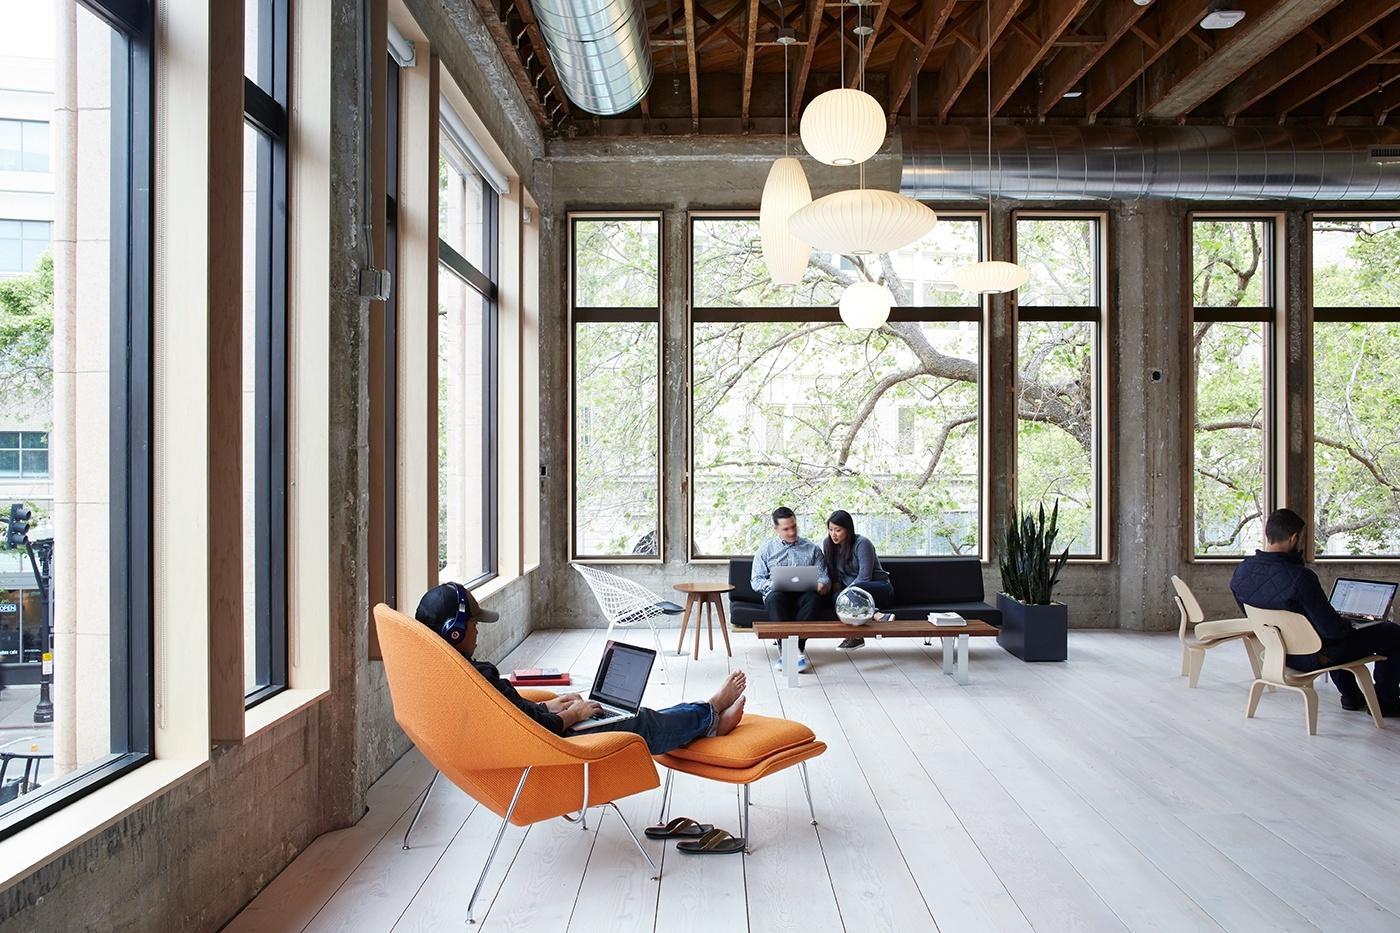 vsco-oakland-office-15